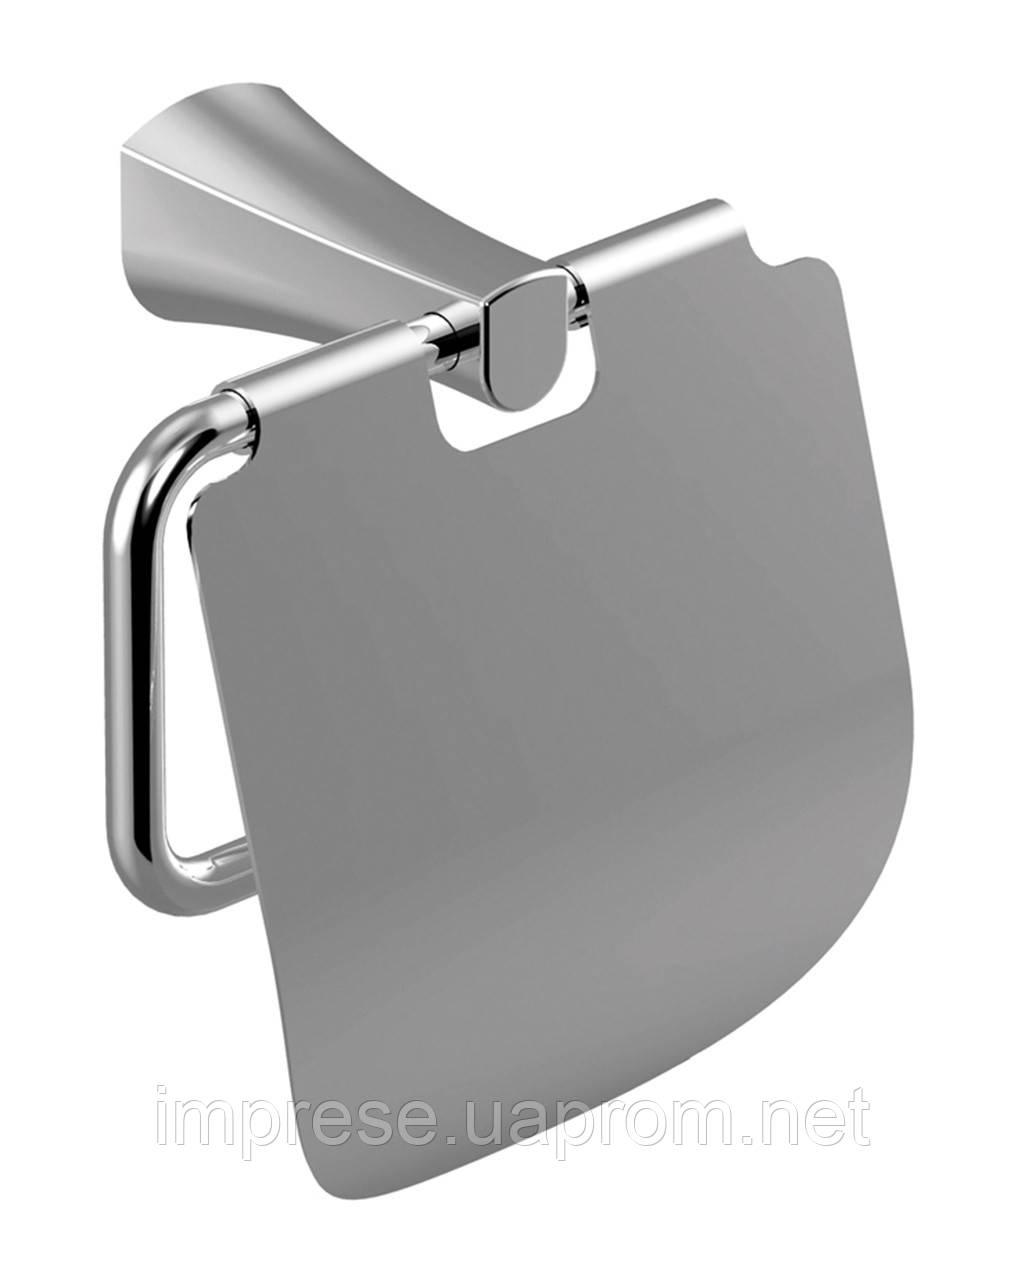 Держатель для туалетной бумаги Cuthna stribro 140280 stribro